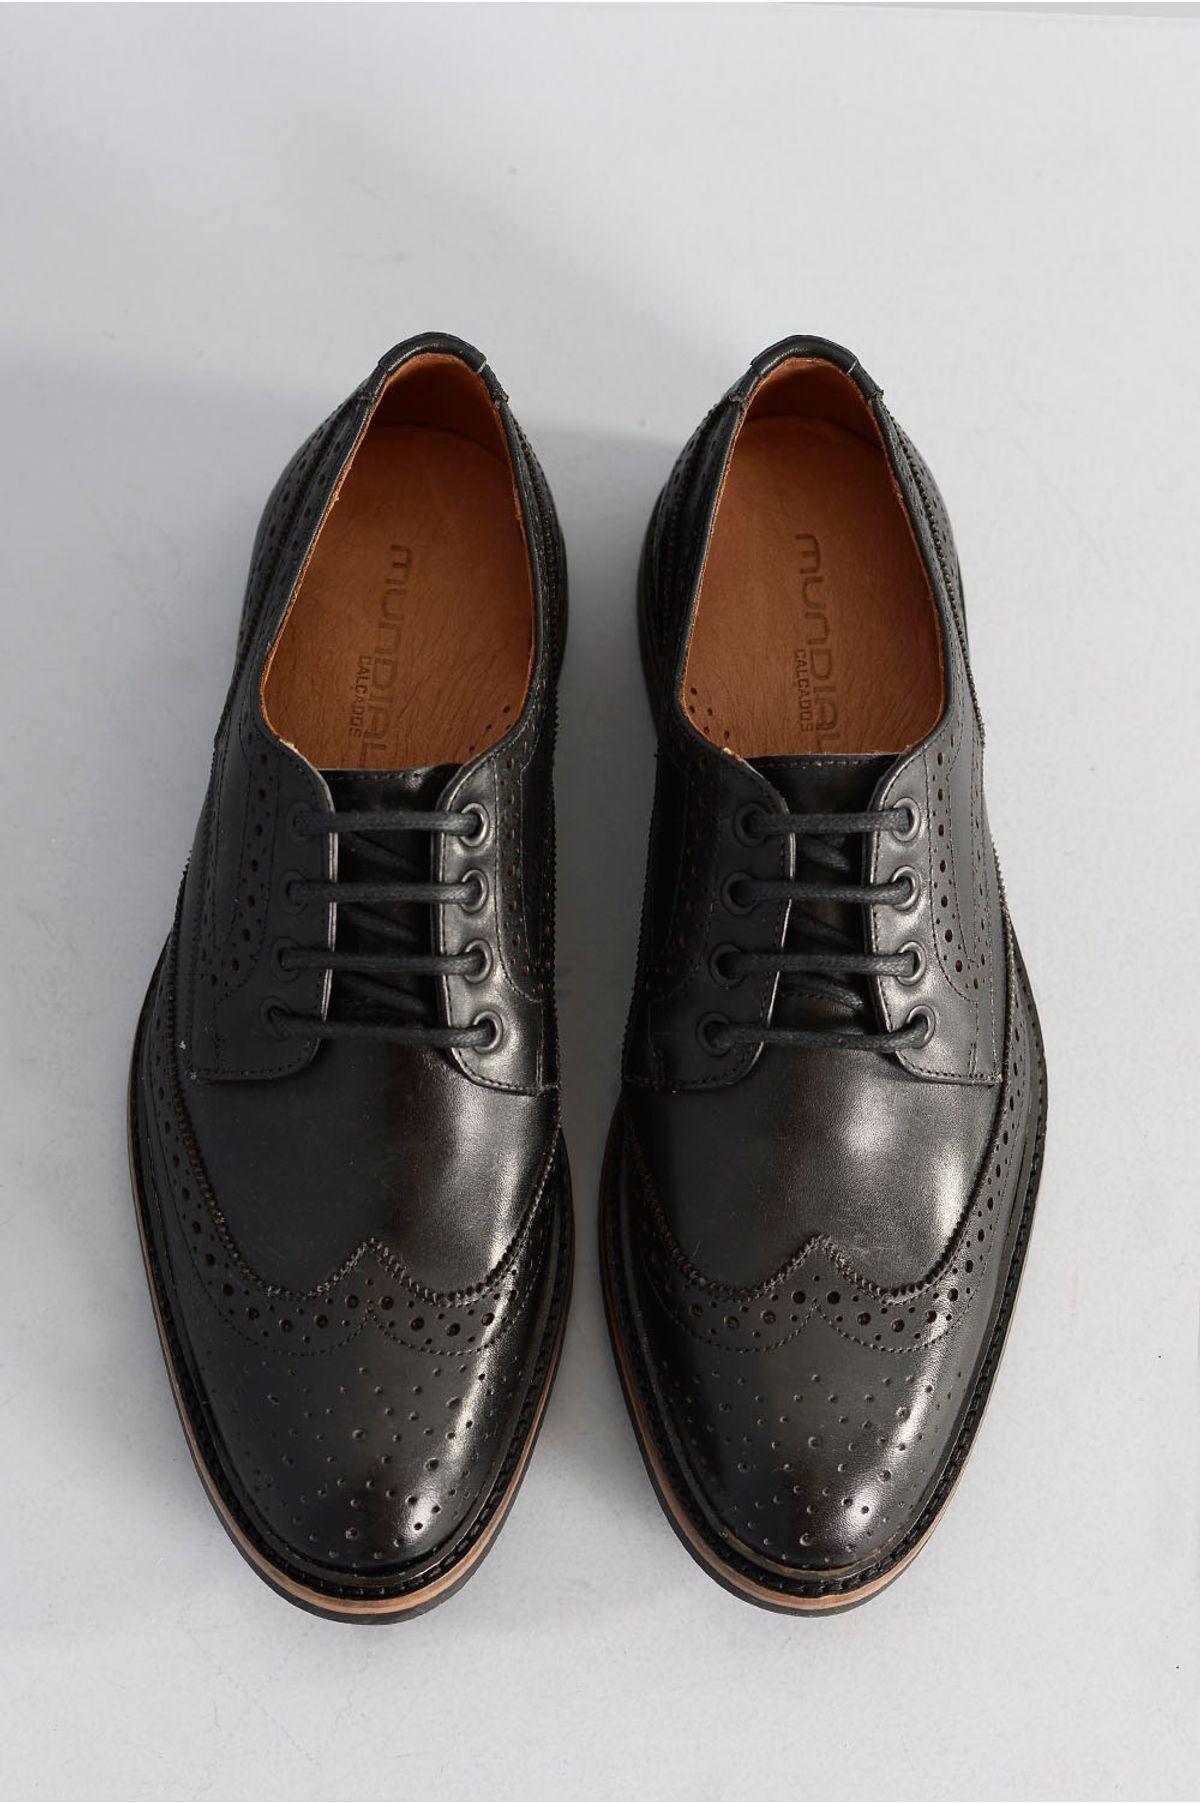 402bd76744 Sapato Masculino Social Fabio Mundial PRETO - Mundial Calçados